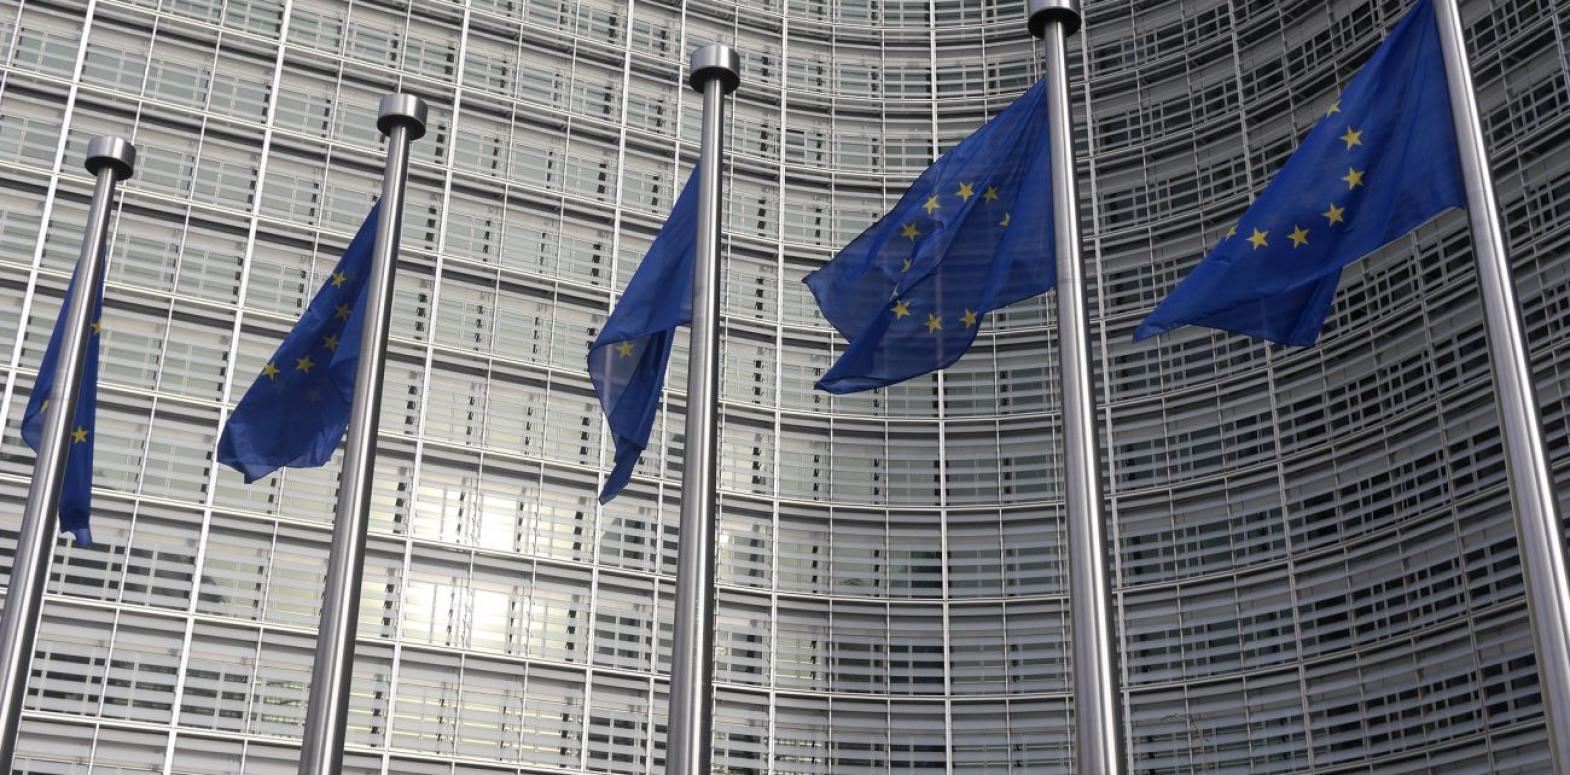 Последствия пандемии: экономика ЕС упала на рекордные 12%